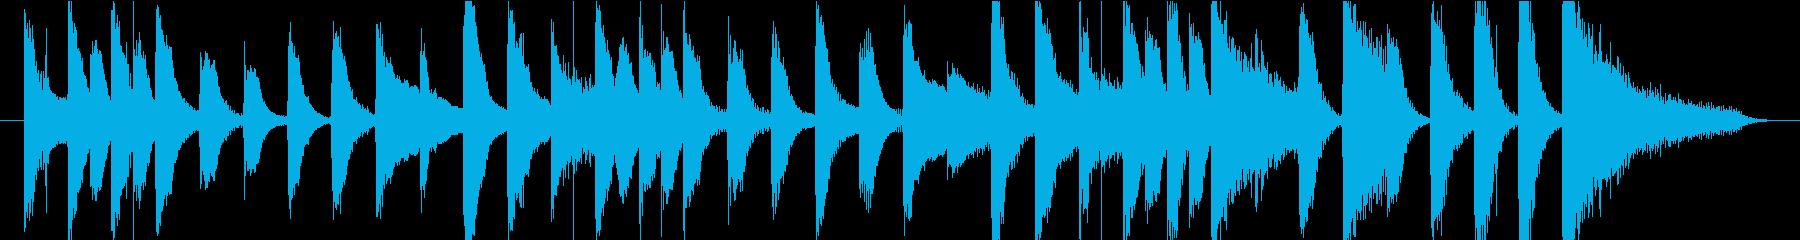 15秒CMの11 家庭用品 かわいいの再生済みの波形